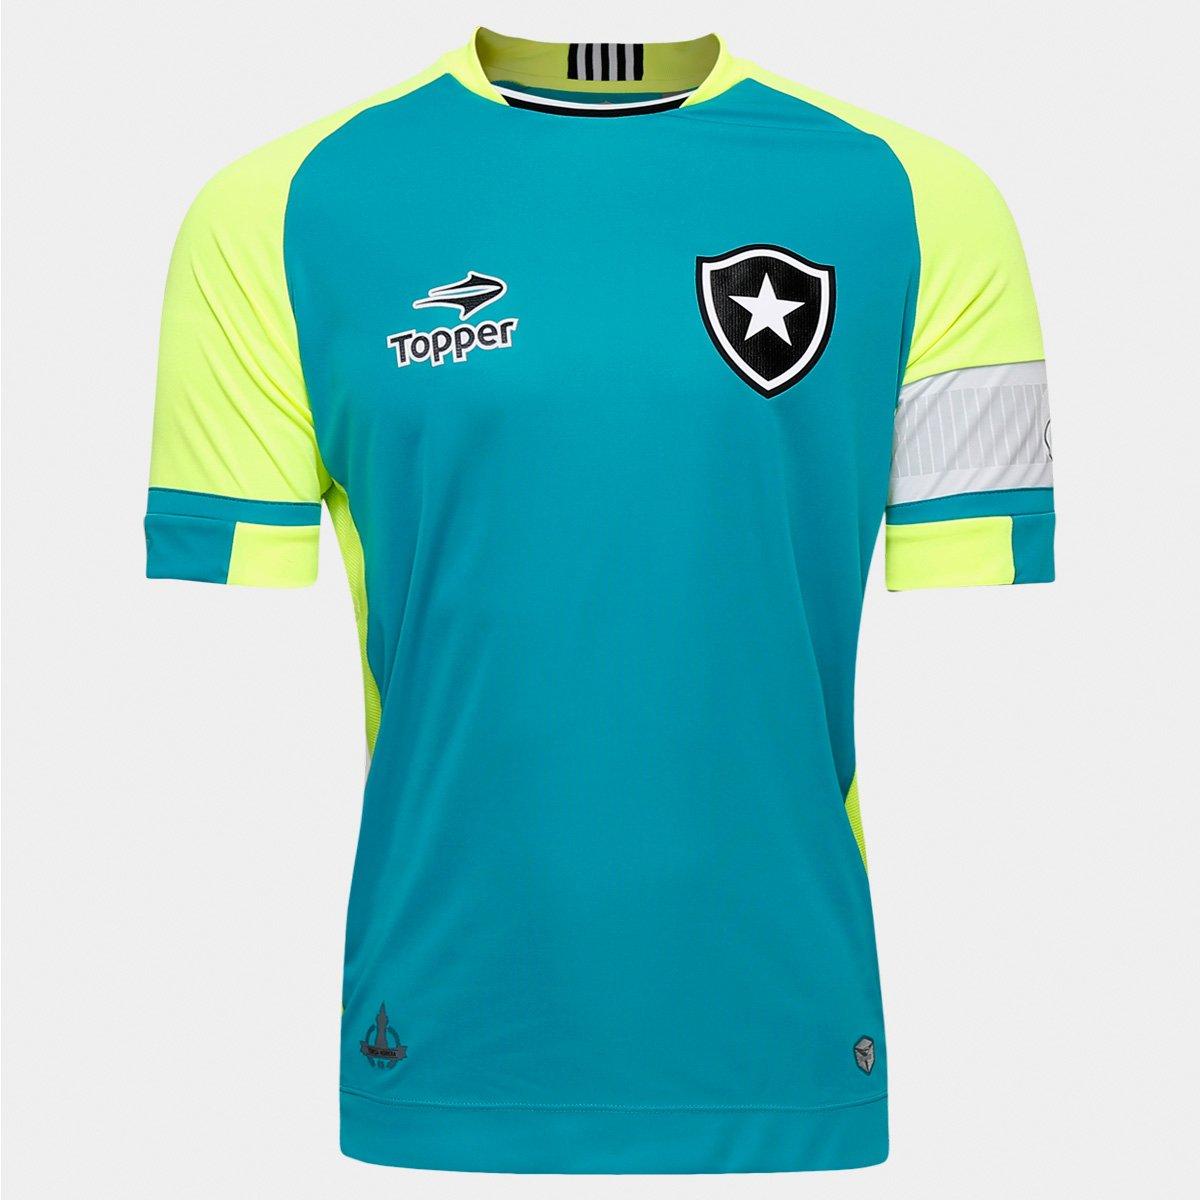 Camisa Topper Botafogo Goleiro 2016 s nº - Jefferson - Compre Agora ... 414deede447da